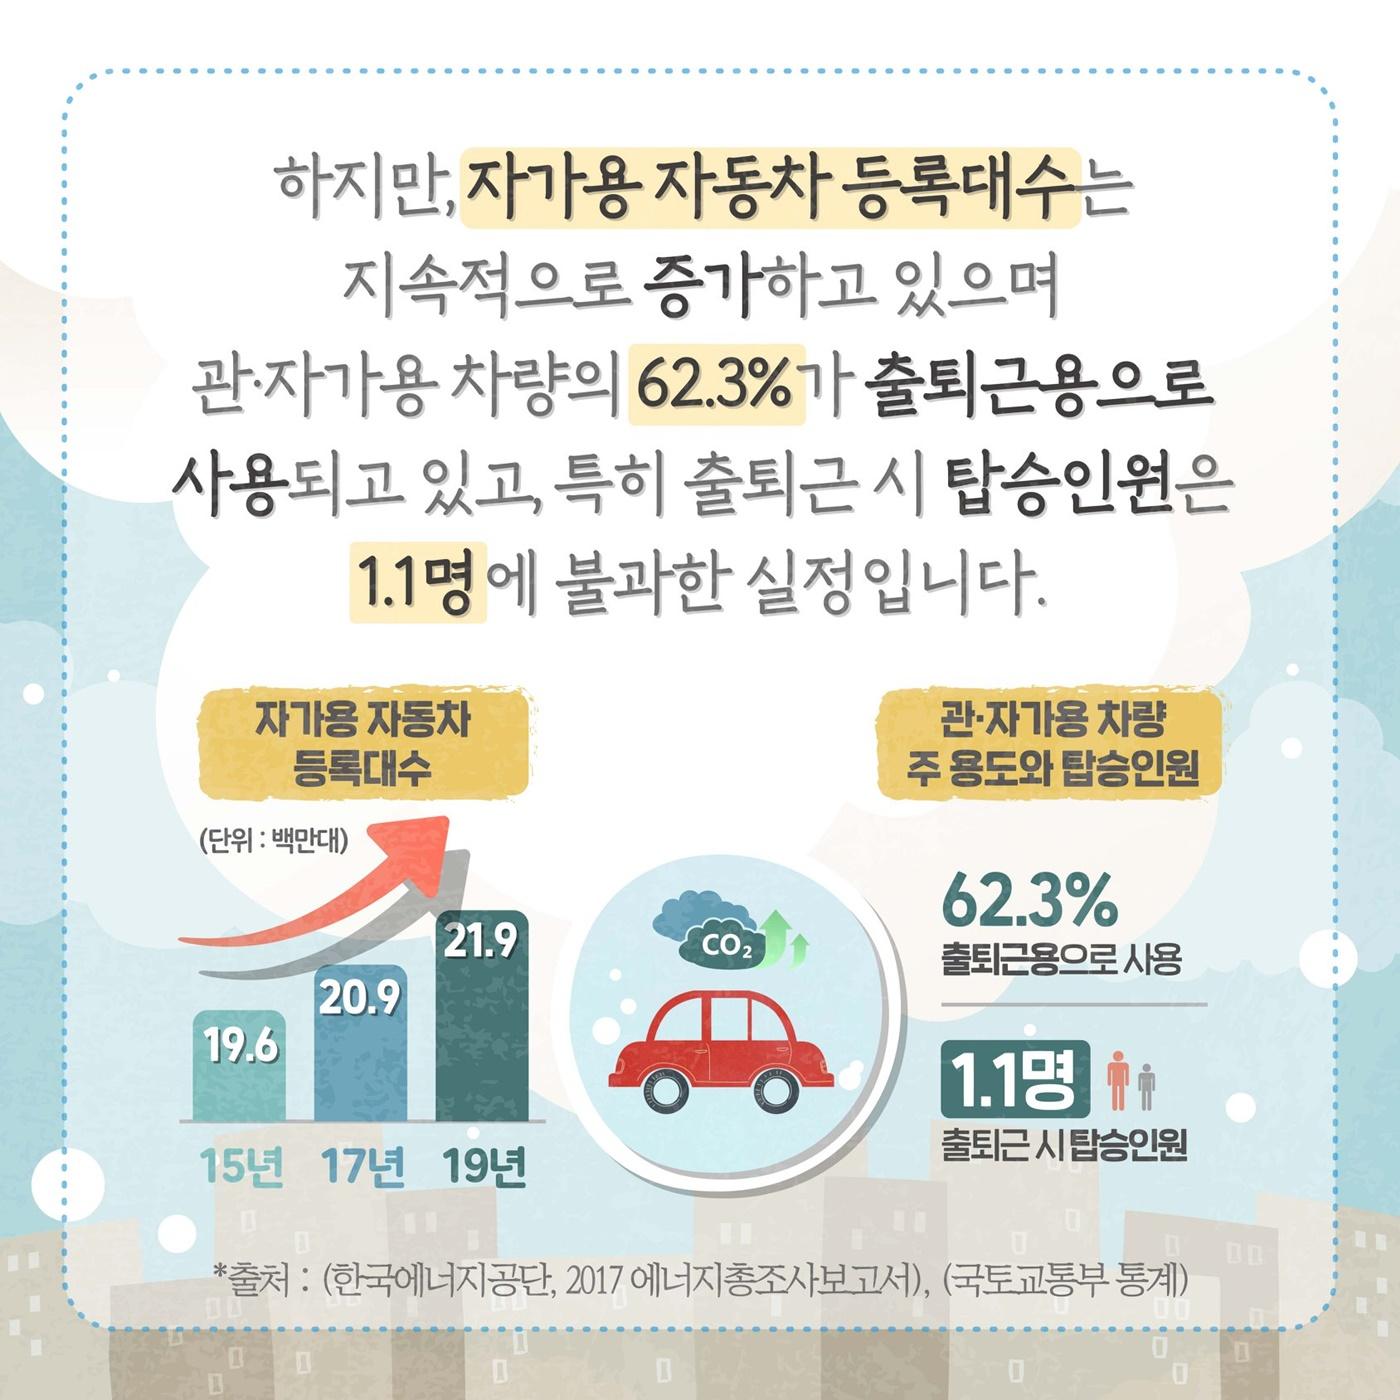 2020 친환경 교통주간, 느리지만 큰 한걸음의 영향력